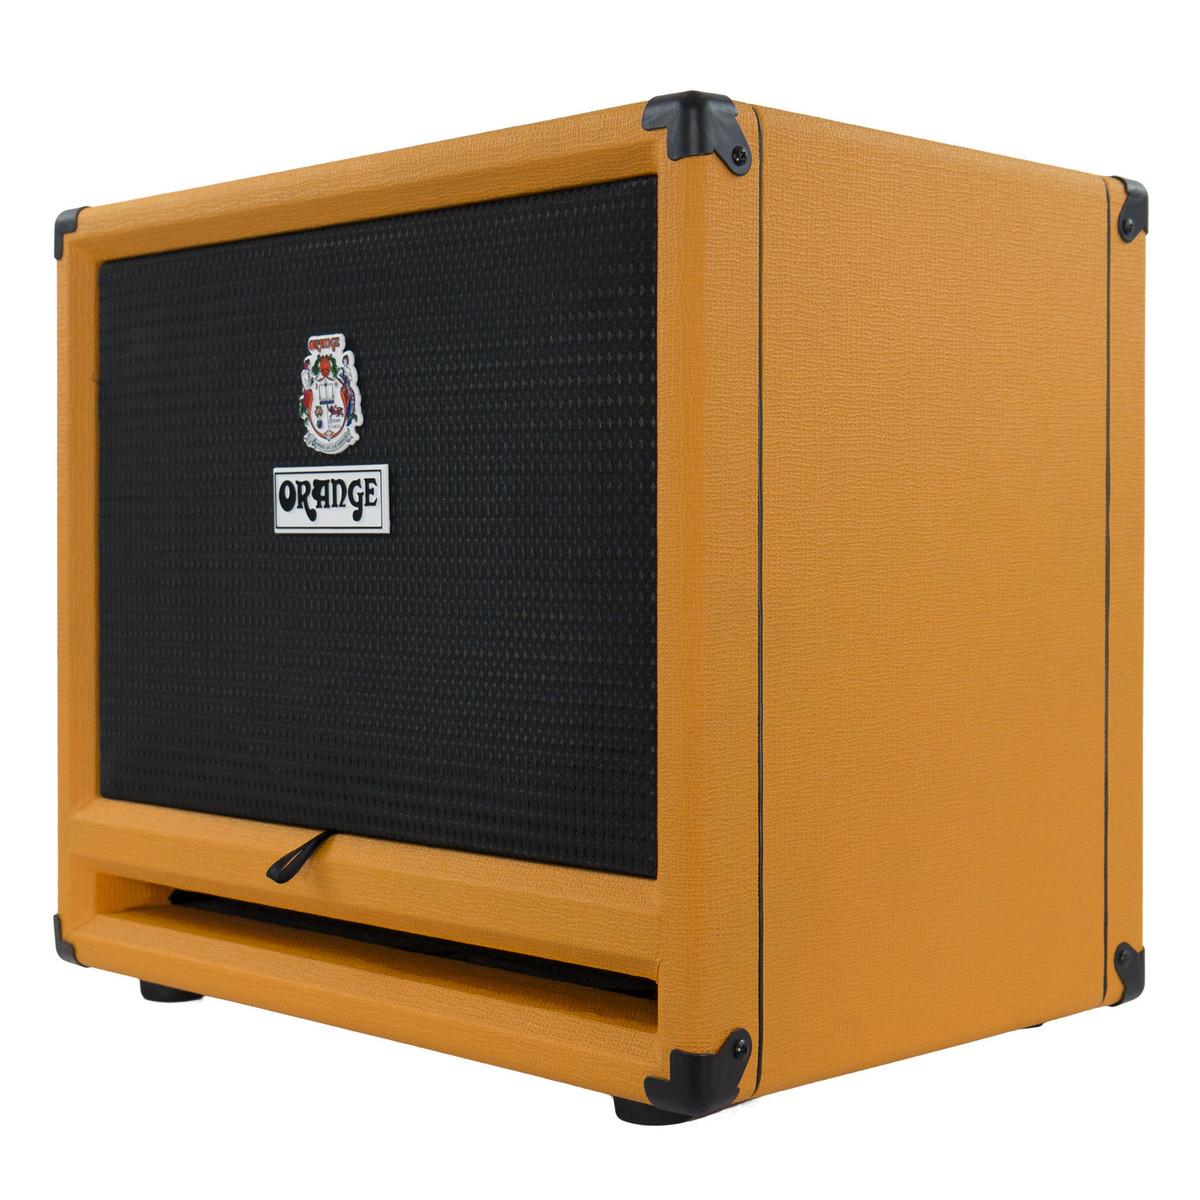 orange obc212 bass guitar speaker cabinet at. Black Bedroom Furniture Sets. Home Design Ideas